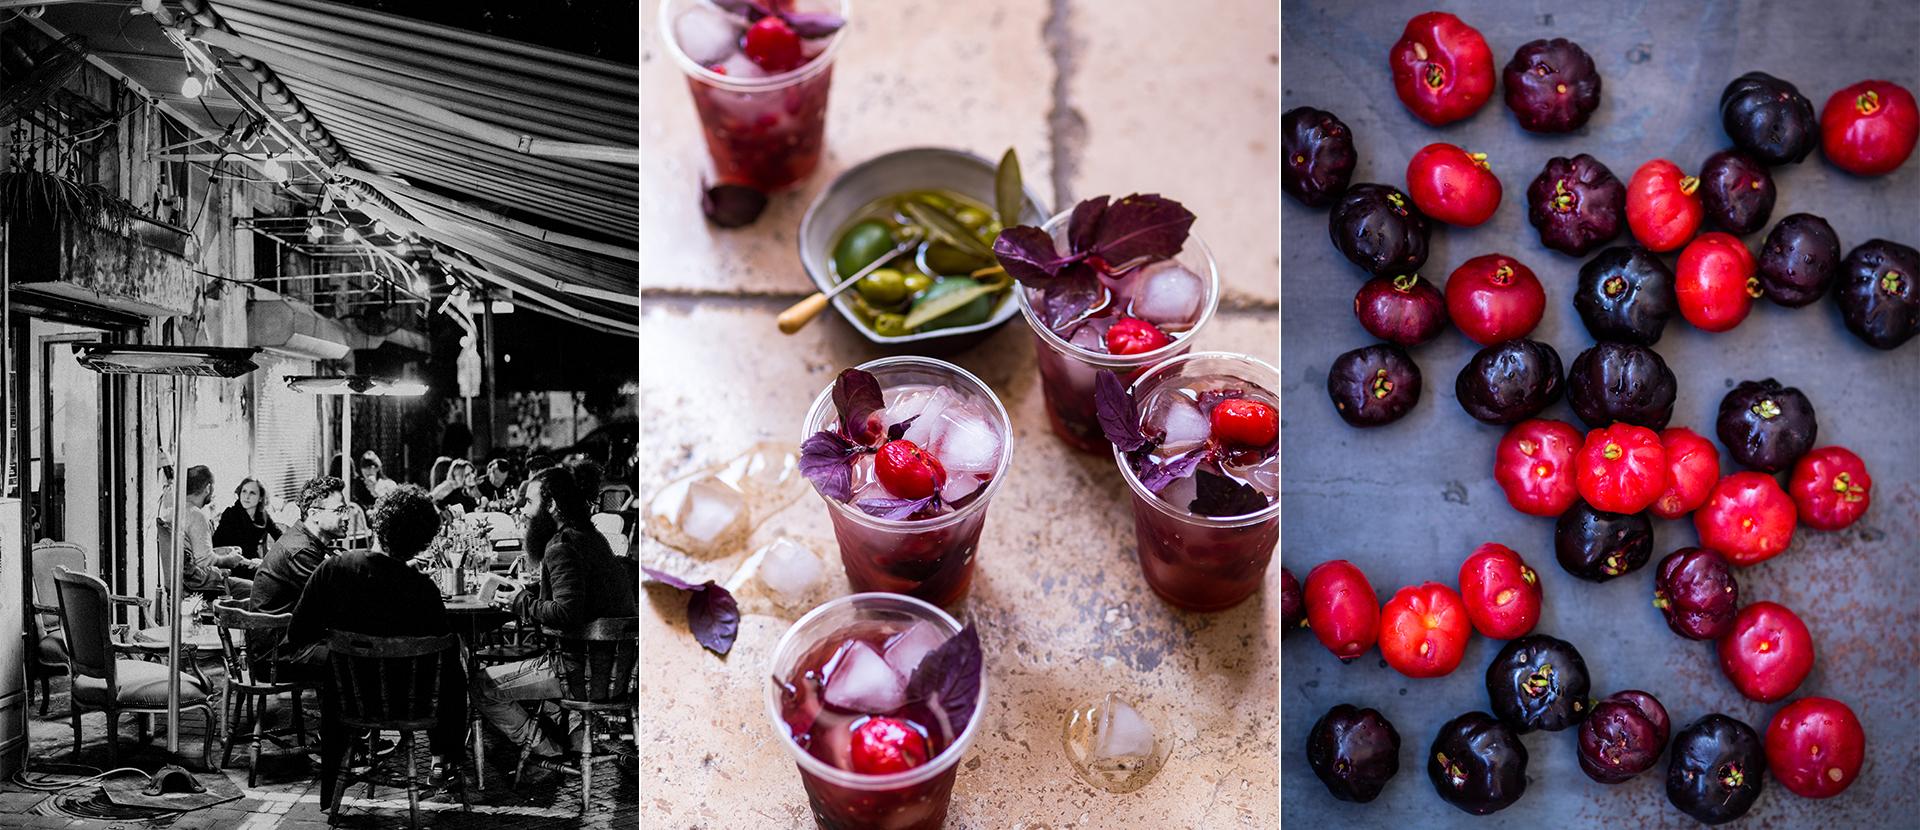 Drinks mit Eiswuerfeln und roten Beeren. Arrangement mit roten Beeren. Abendstimmung in TelAviv